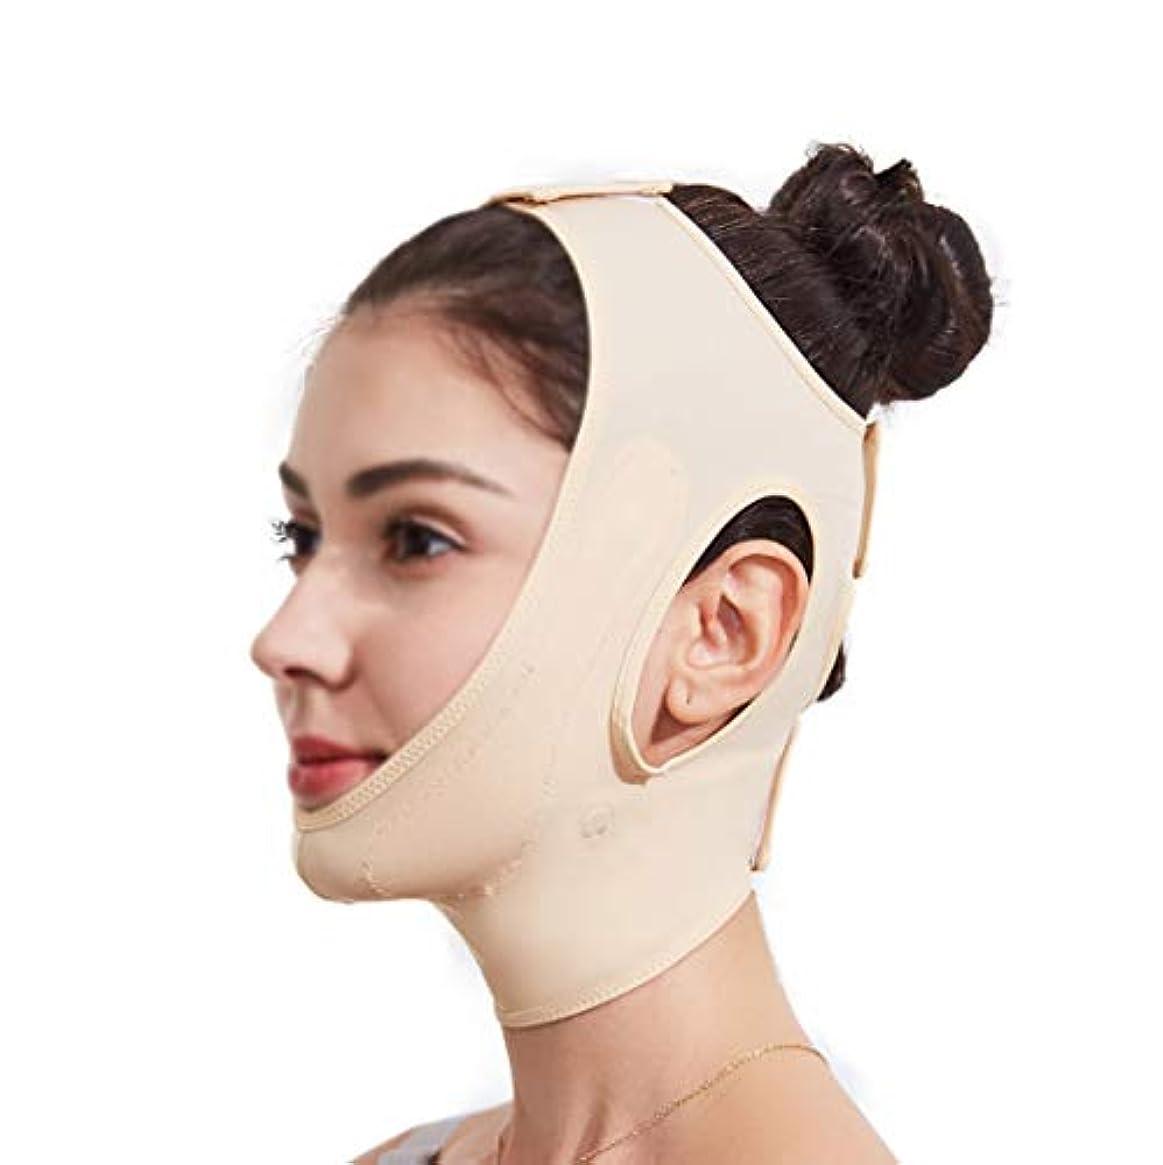 フィット剥離君主制LJK フェイスリフティングマスク、360°オールラウンドリフティングフェイシャルコンター、あごを閉じて肌を引き締め、快適でフェイスライトと通気性をサポート (Color : Skin color)